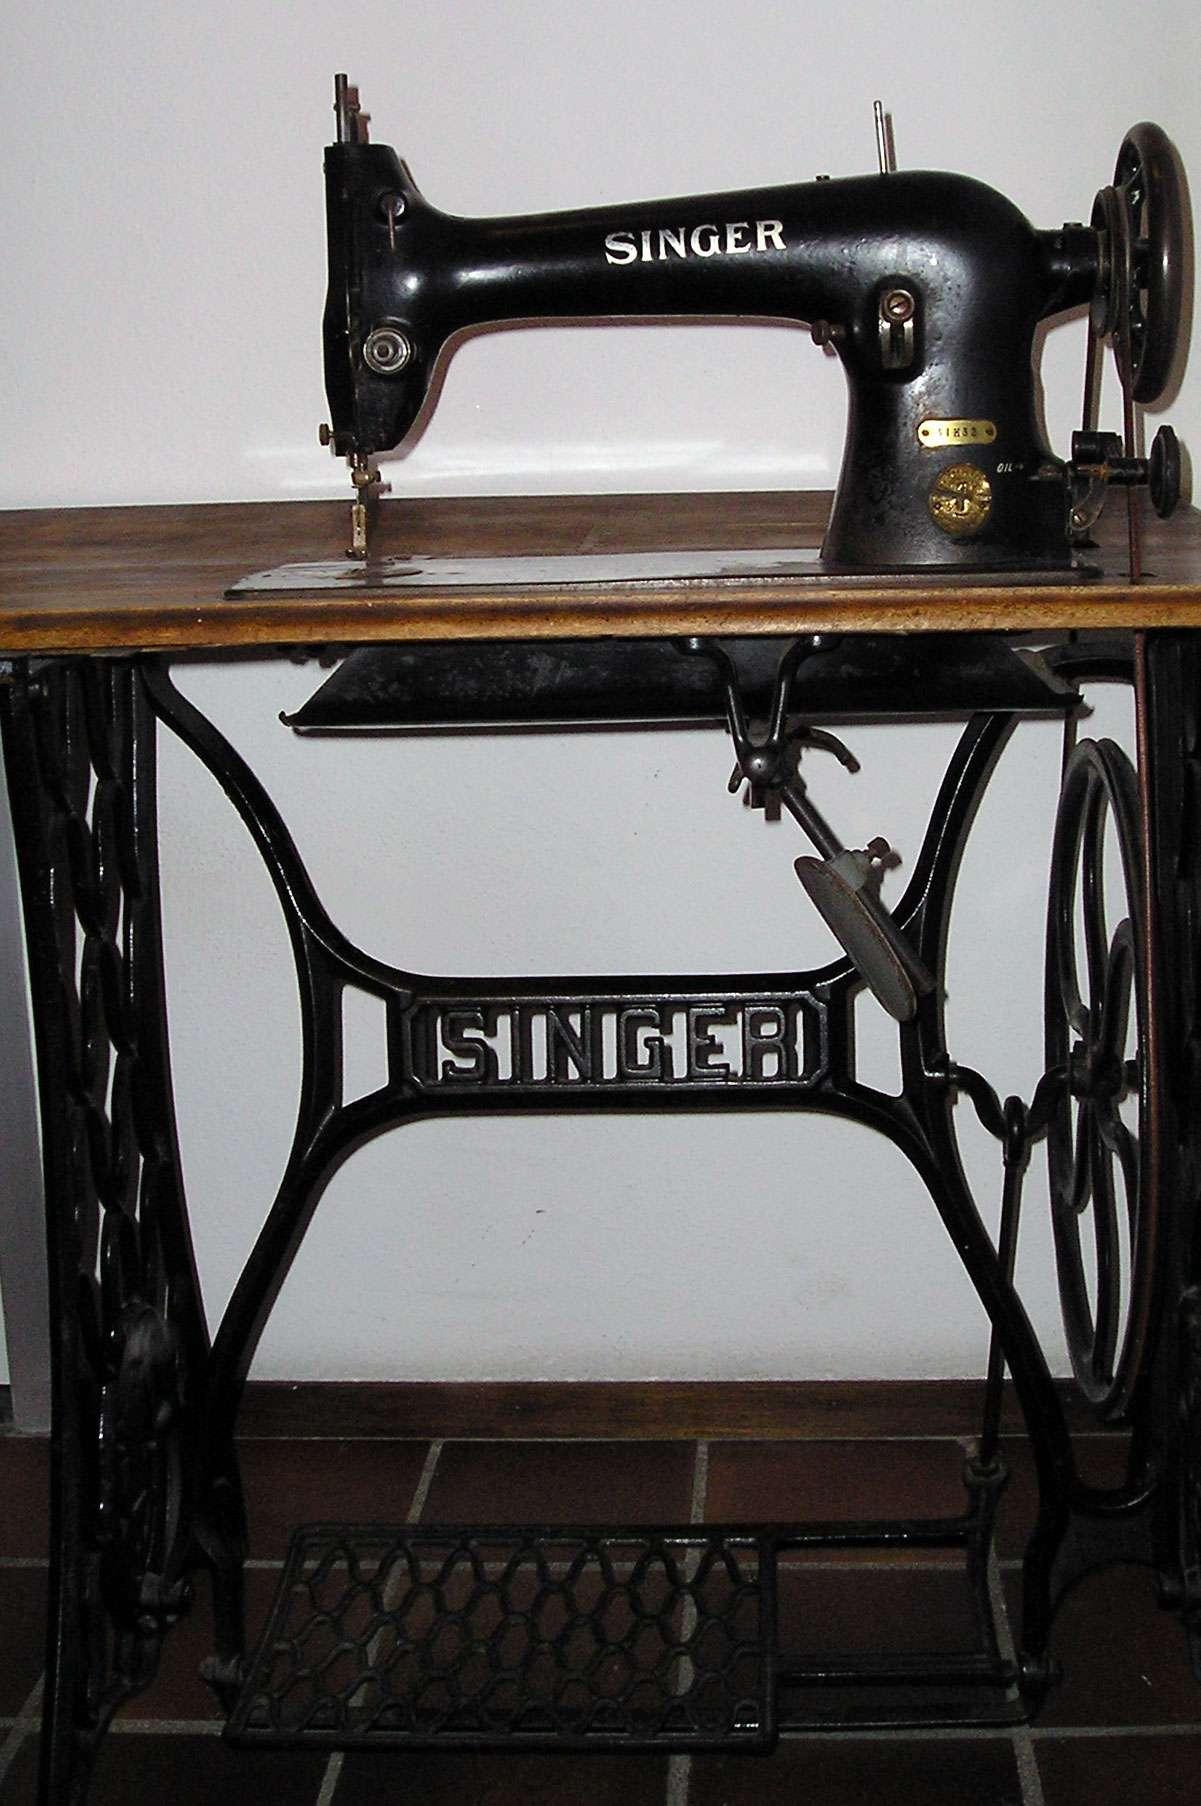 La machine à coudre a transformé la couture, qui est devenue plus pratique et moins chère. © Vincent de Groot, CC BY-SA 3.0, Wikimédia Commons